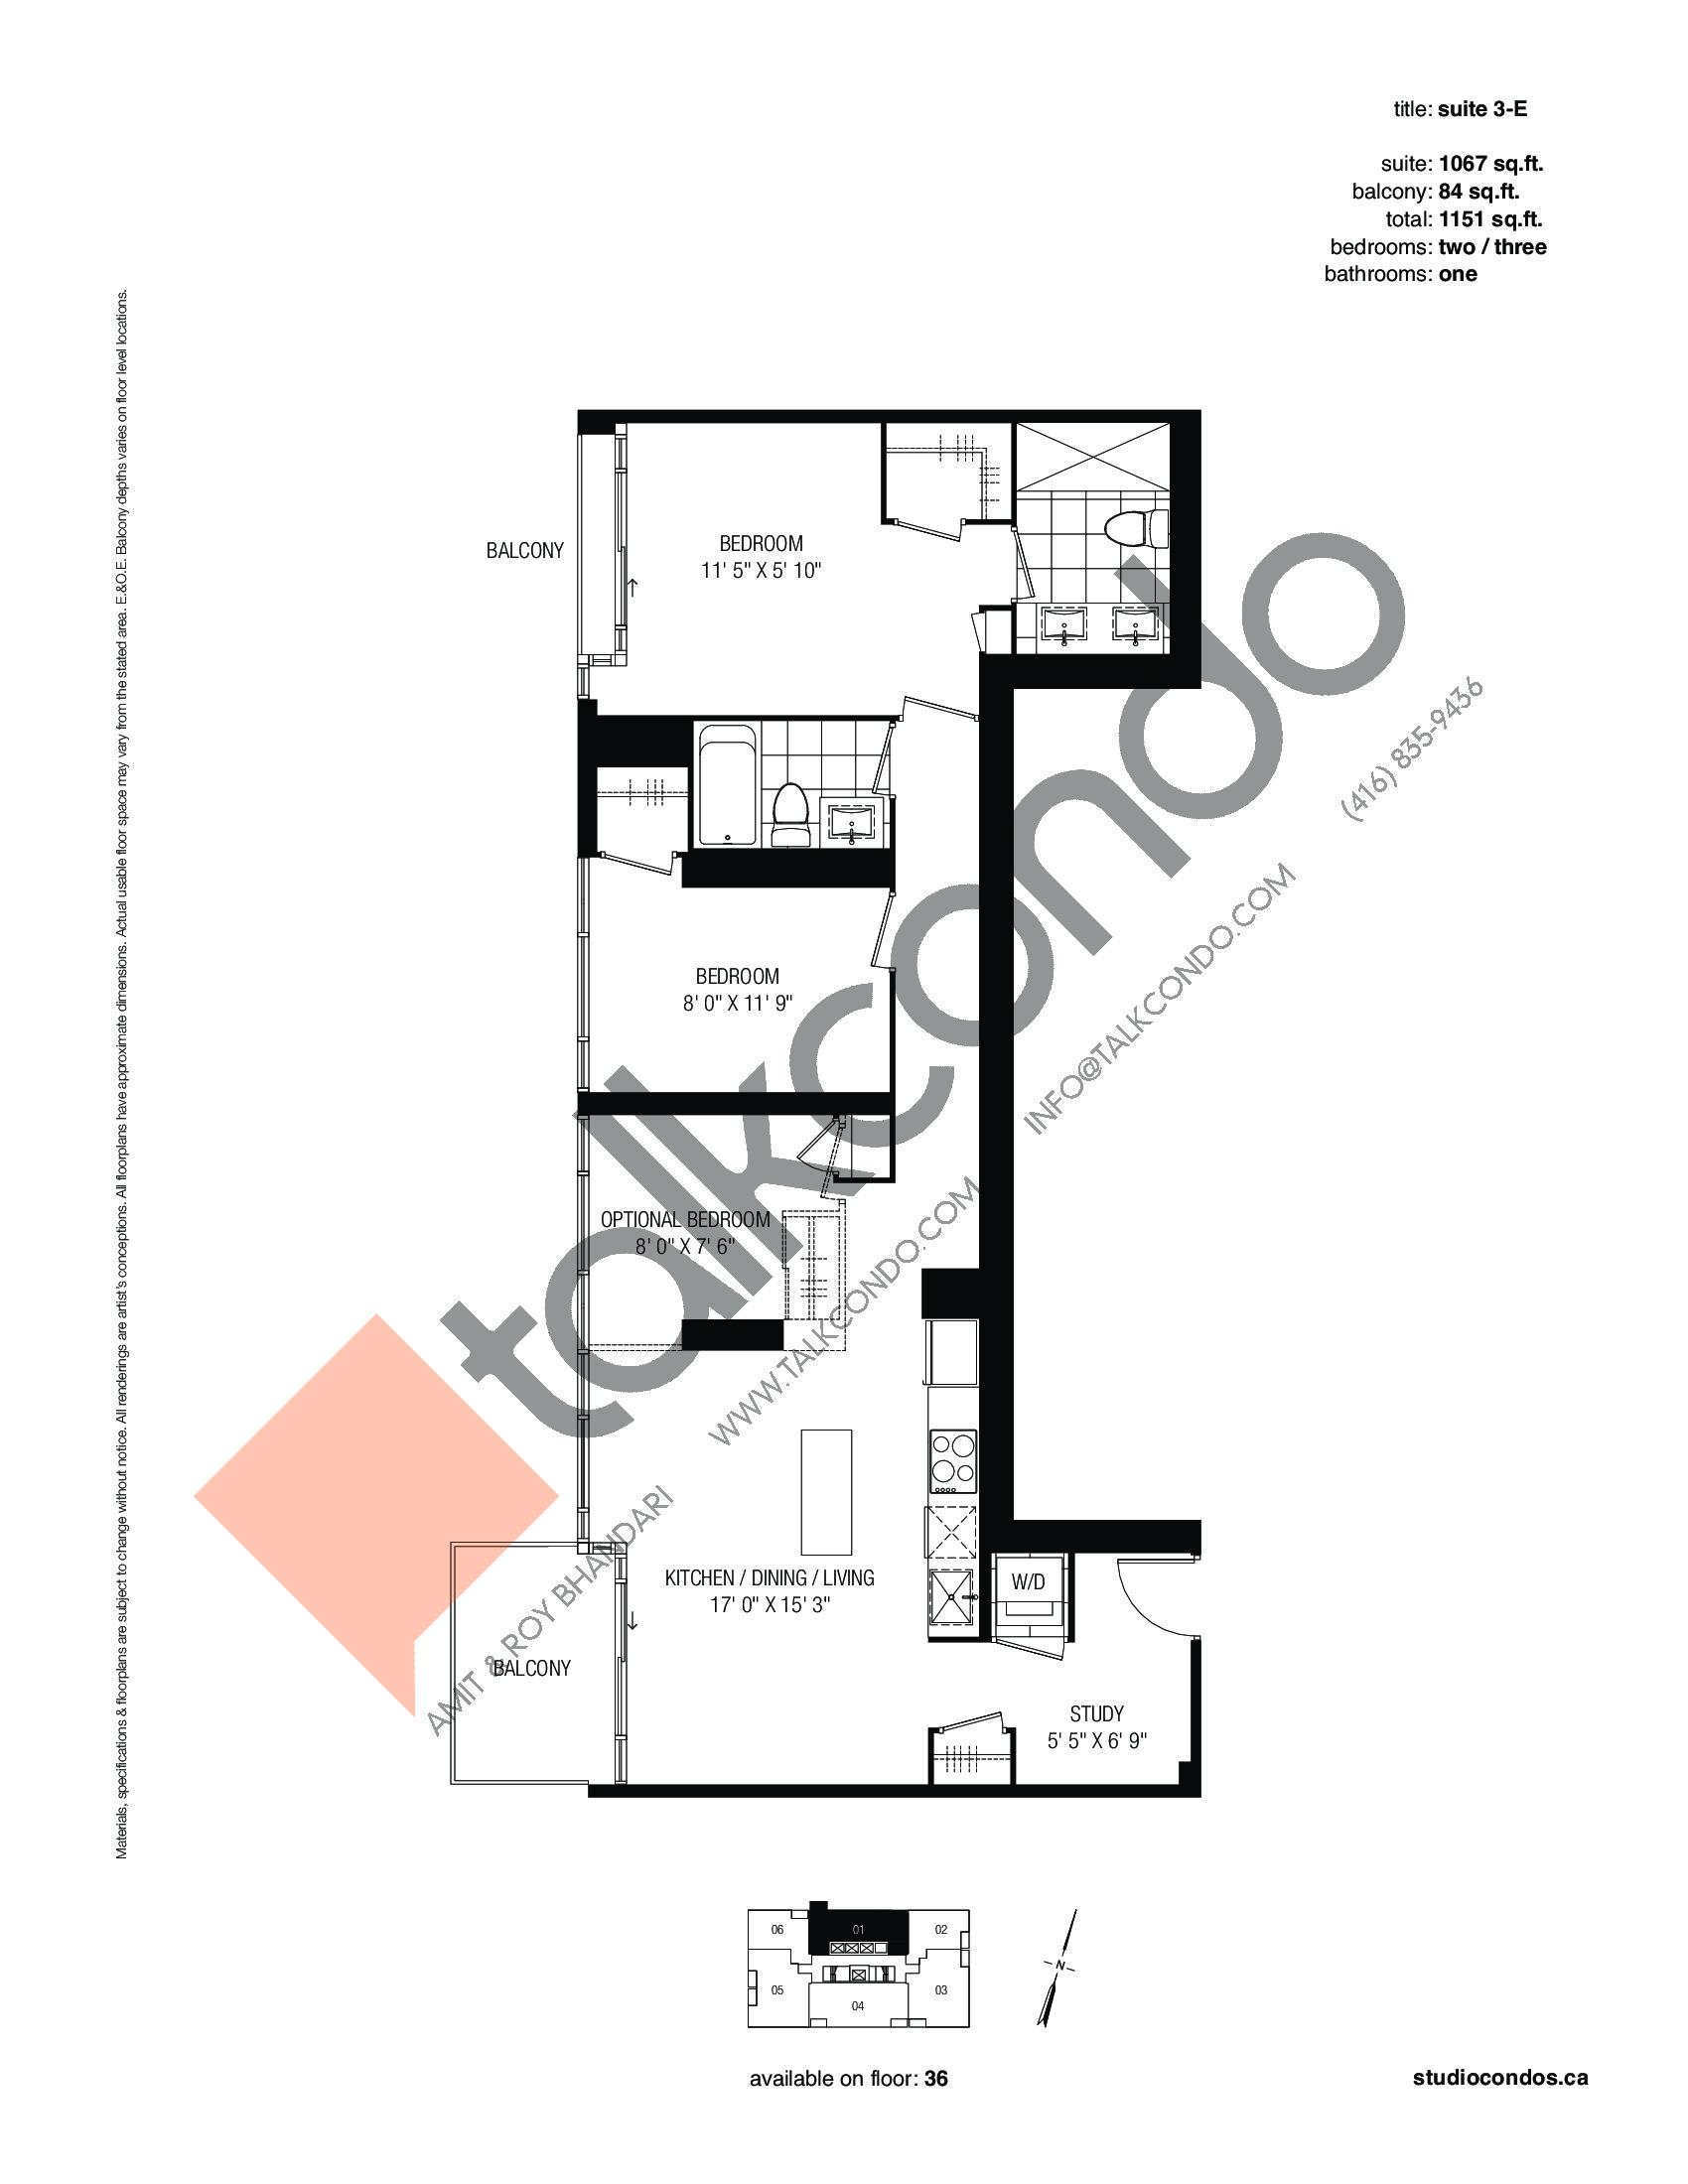 Suite 3-E Floor Plan at Studio 2 Condos - 1067 sq.ft